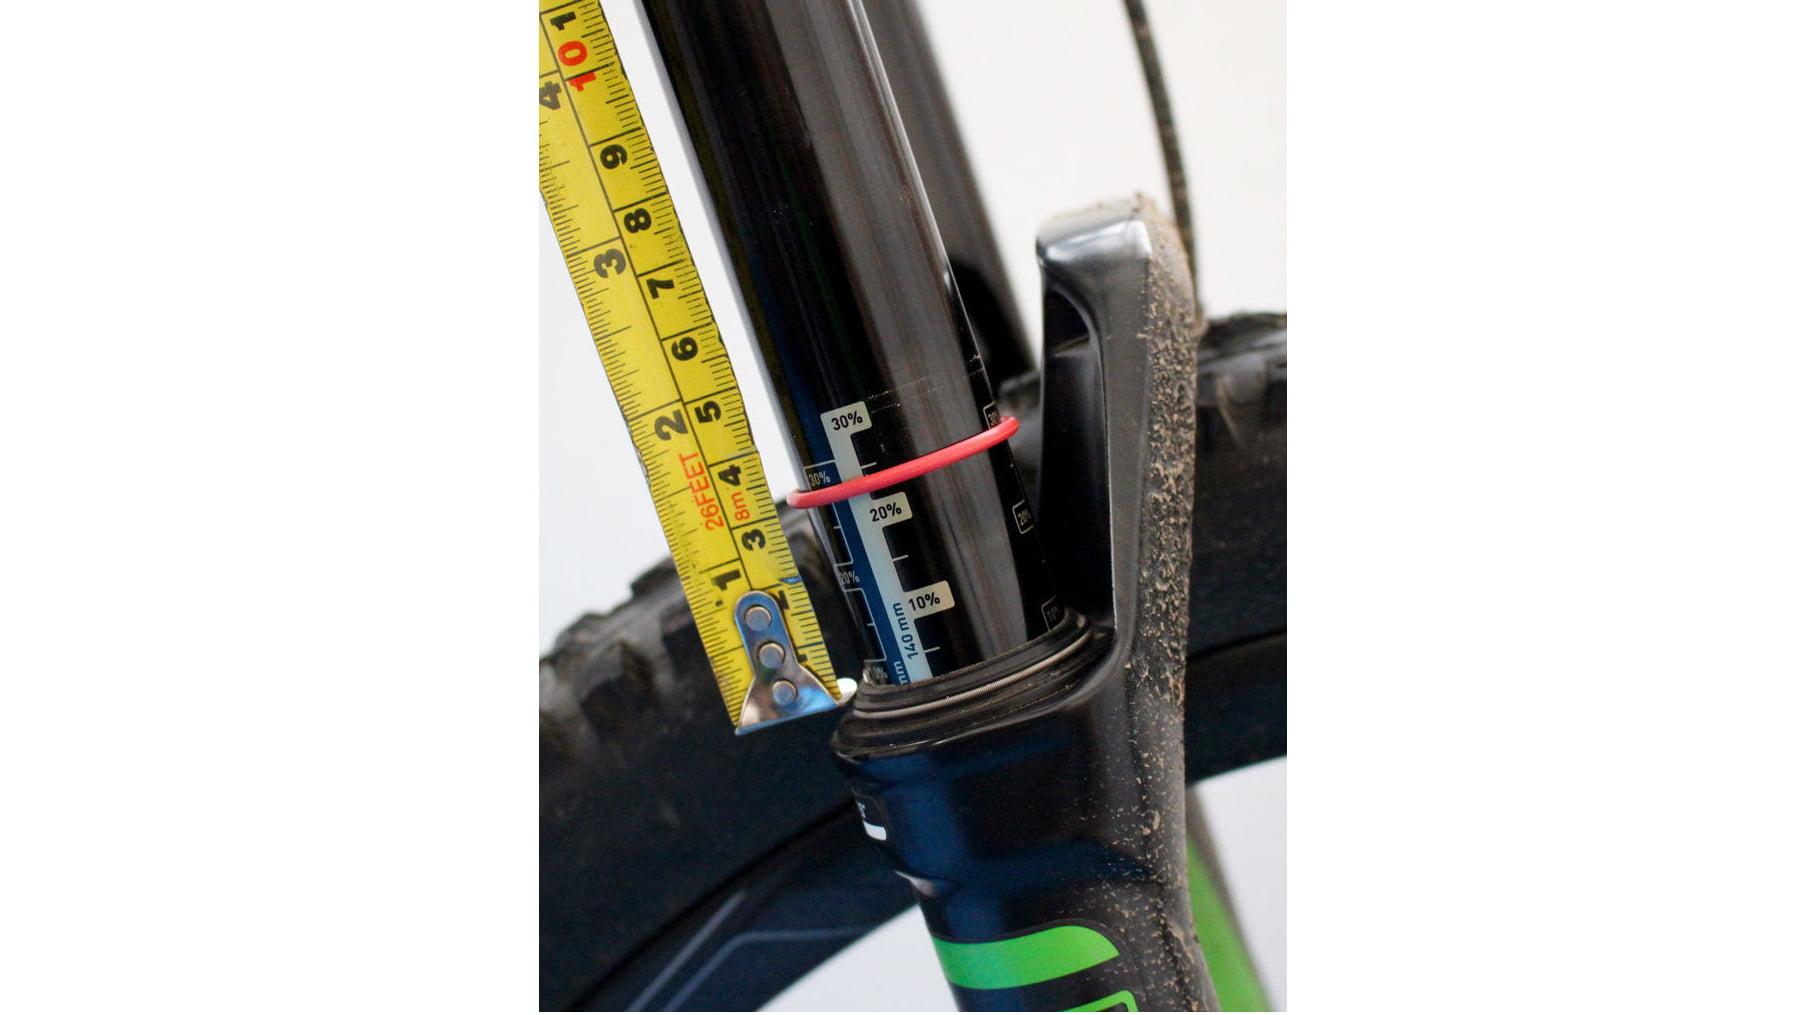 настройка вилки на велосипеде